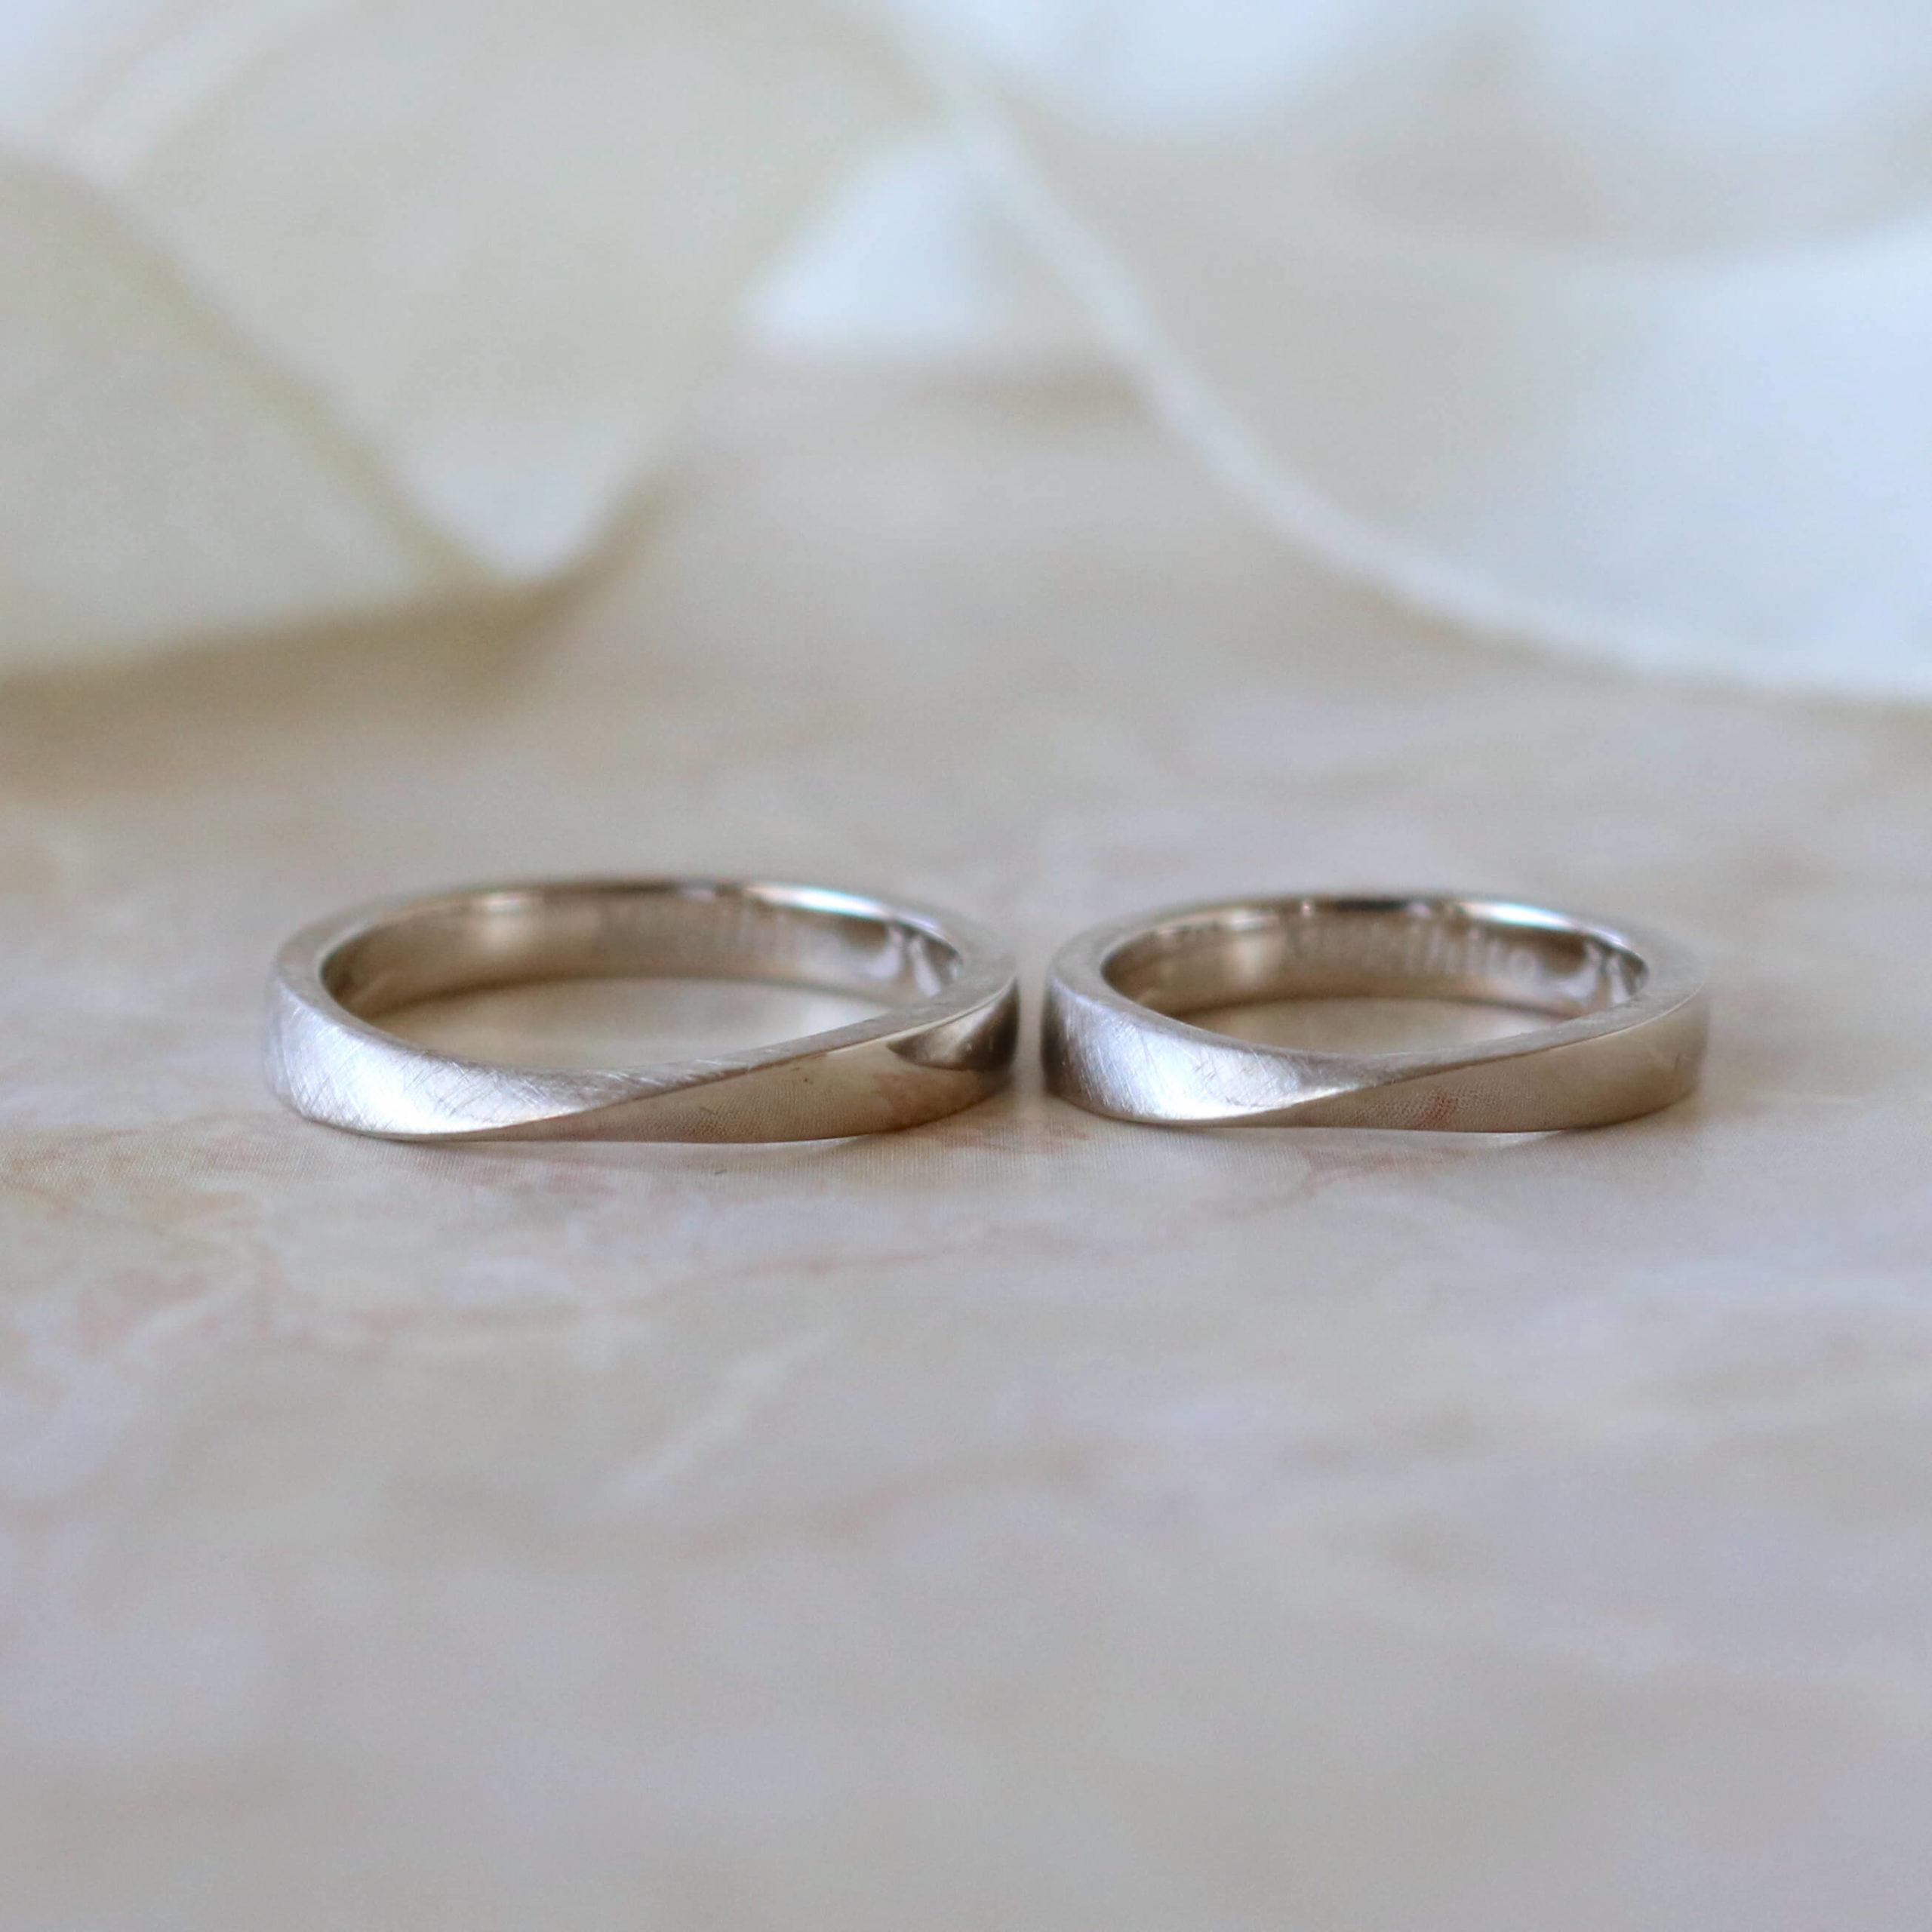 マット加工による表情の変化と、内側の刻印にもこだわった結婚指輪